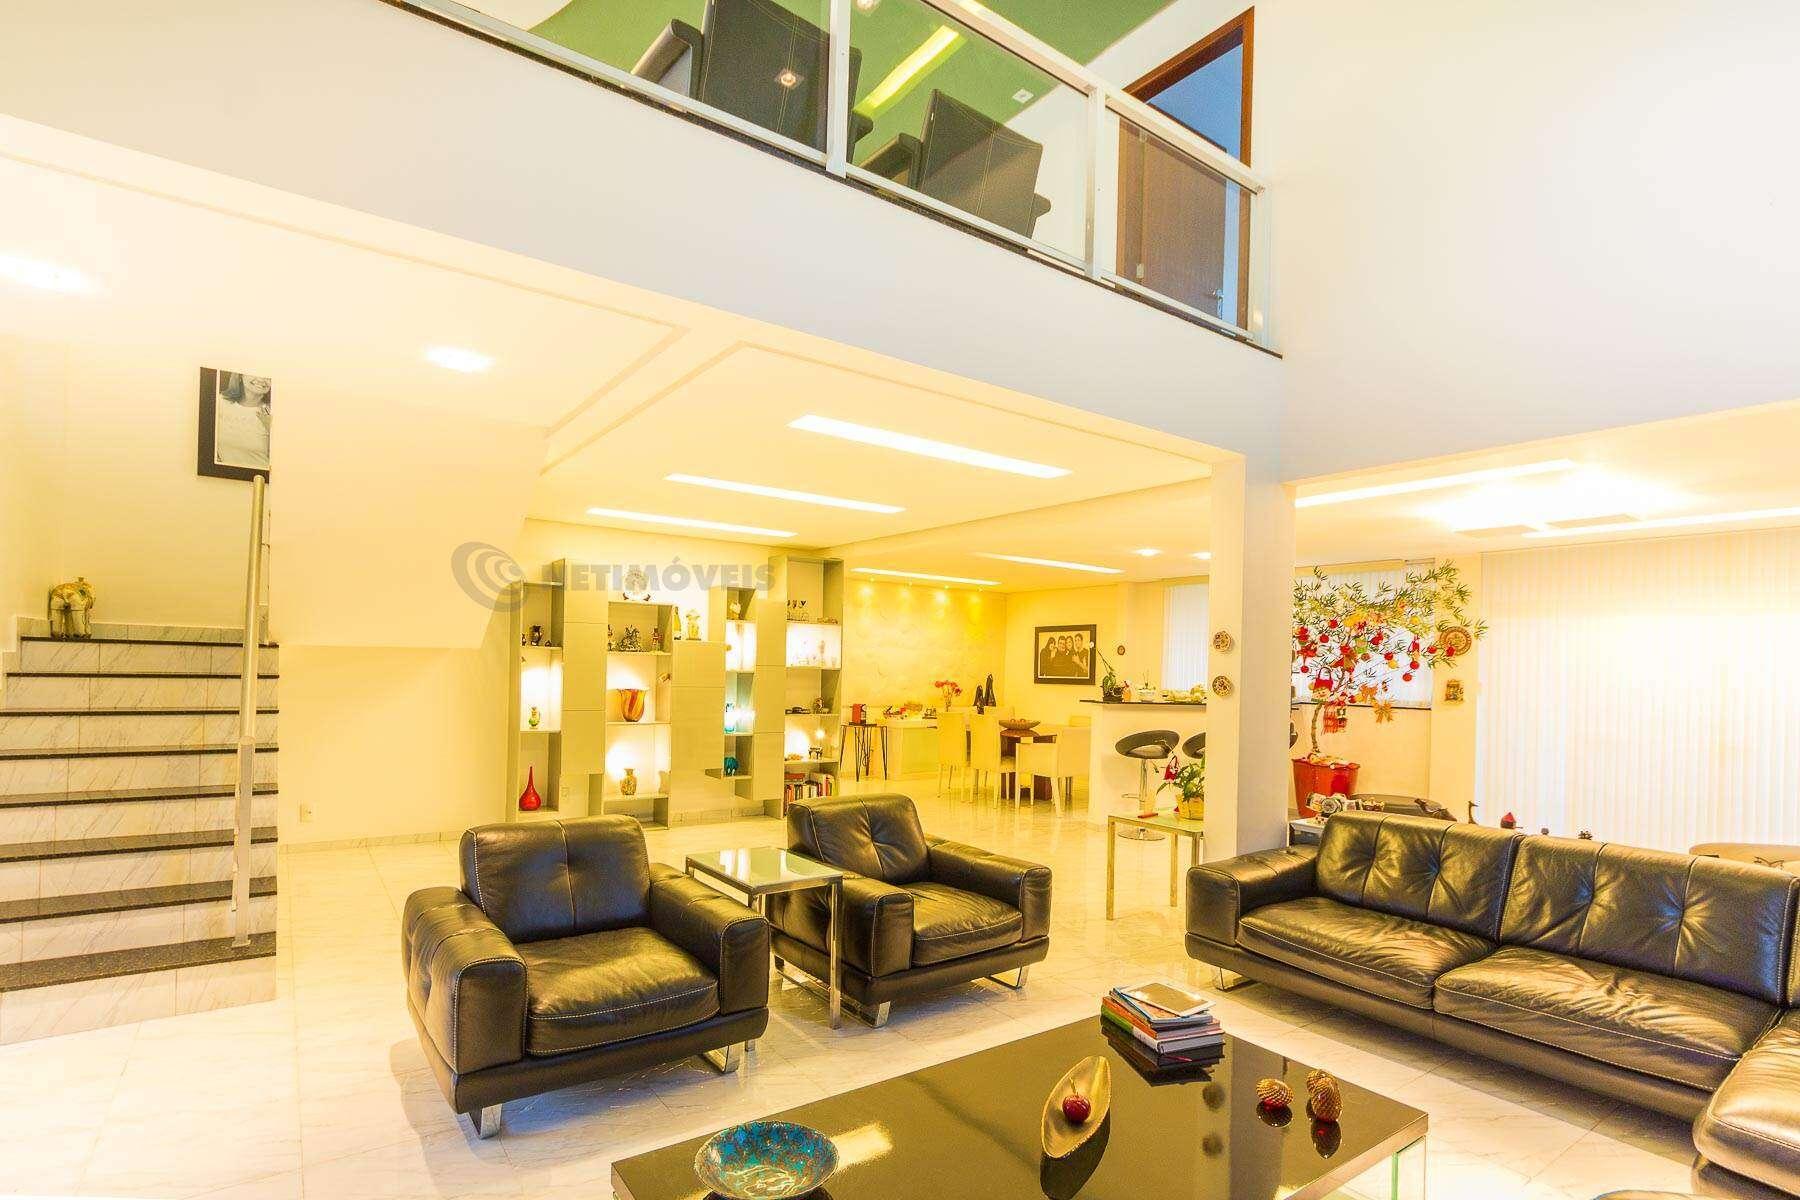 casa,casa alto padrão,área de lazer,pisicna,espaço gourmet,suítes,vagas de garagem,sala ampla,sala de tv,pé direito alto,aquecimento solar,projeto de iluminação,cozinha com armários,armários planejados,